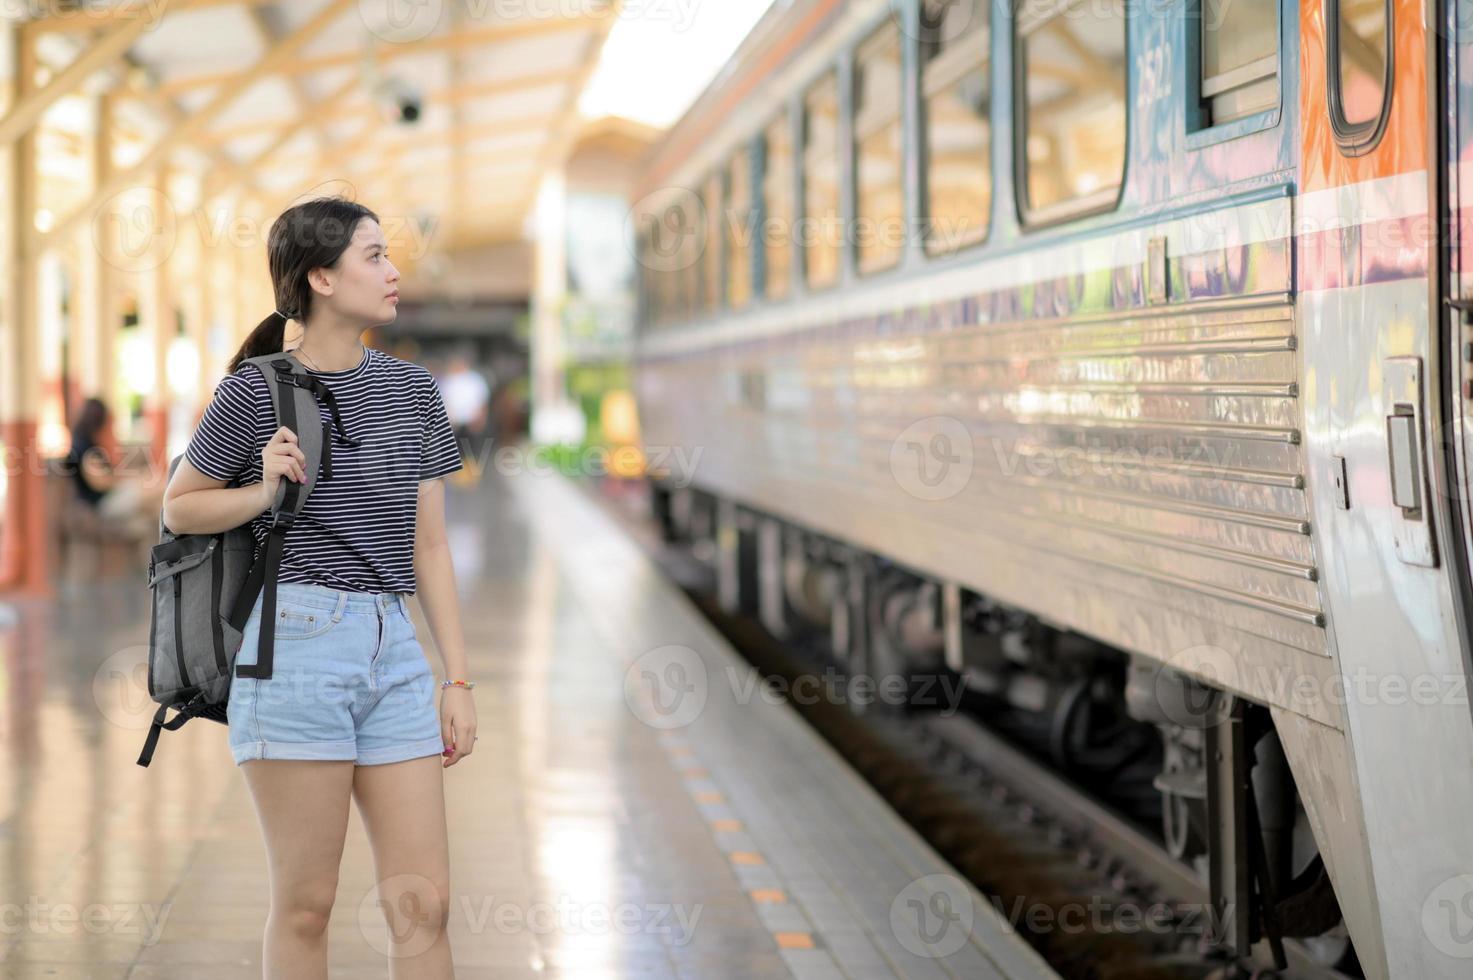 une voyageuse internationale avec un sac à dos attend le train. photo